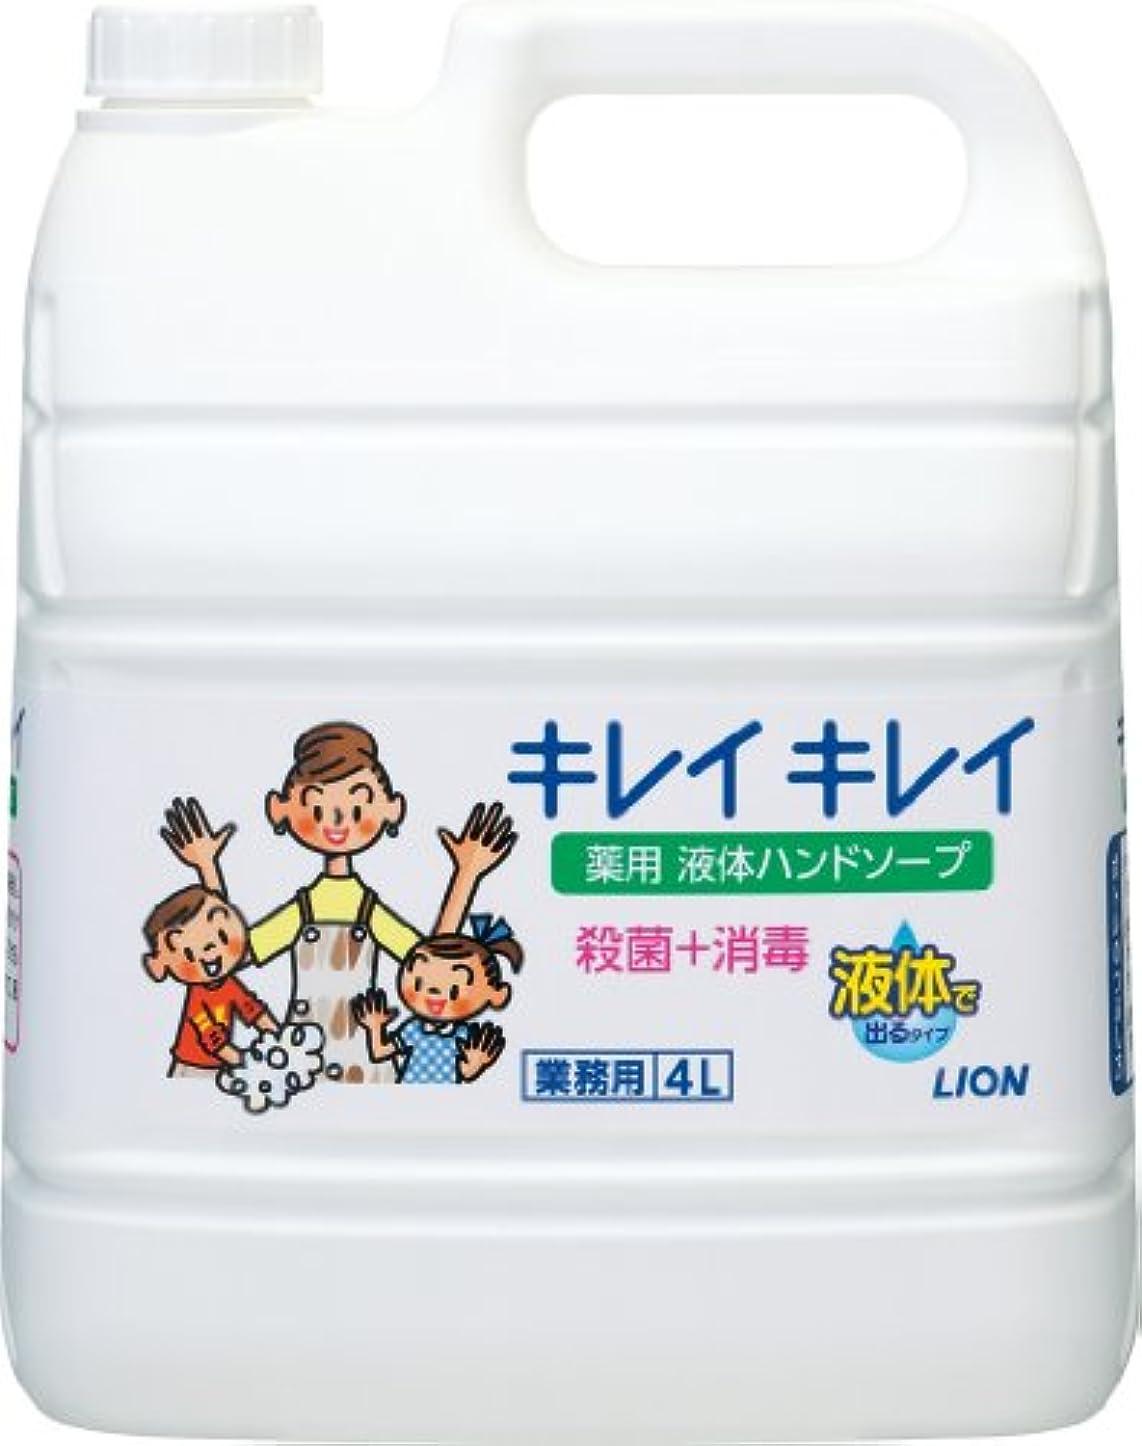 小麦アルコール物語【業務用 大容量】キレイキレイ 薬用 ハンドソープ  4L(医薬部外品)